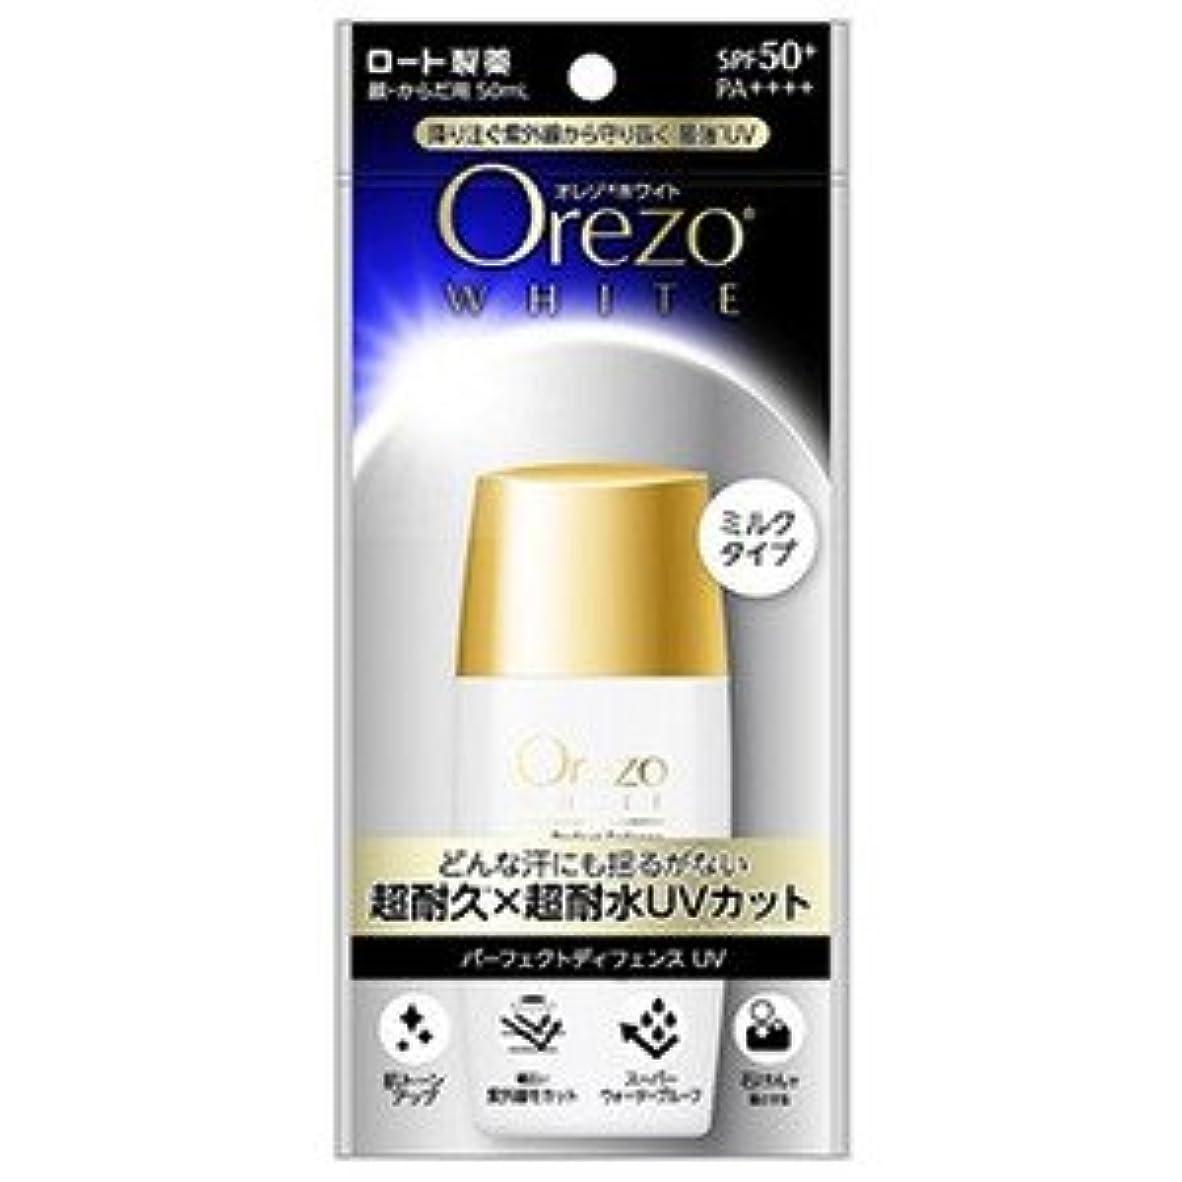 発表する永遠に盗難ロート製薬 Orezo オレゾ ホワイト パーフェクトディフェンスUVa SPF50+ PA++++ (50mL)